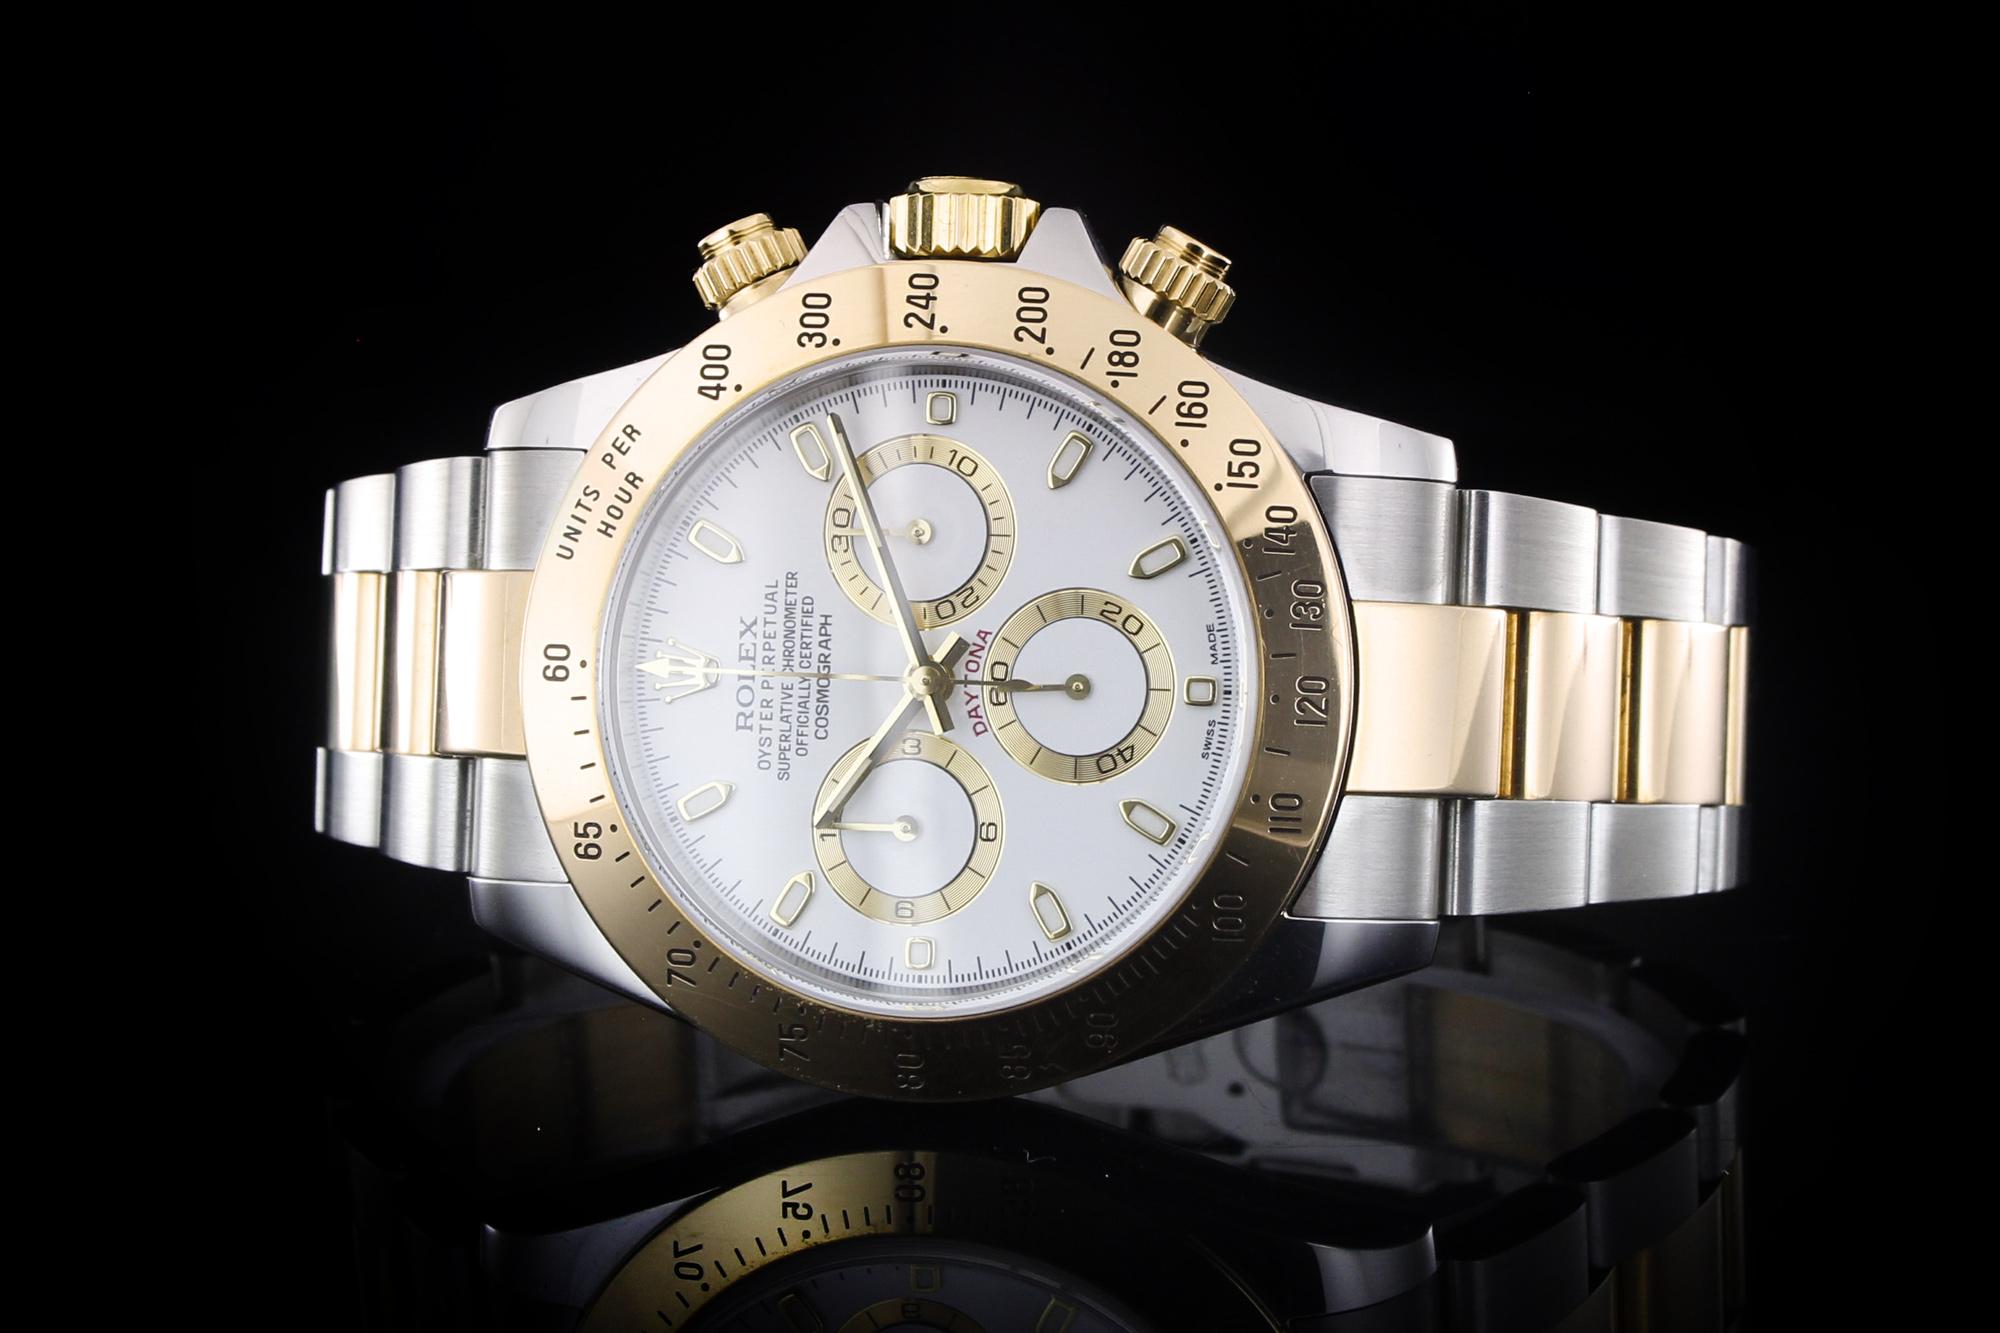 Armbanduhr rolex gold  Rolex Daytona (40mm) Ref.: 116523 in Stahl-Gold mit Box & Papieren ...